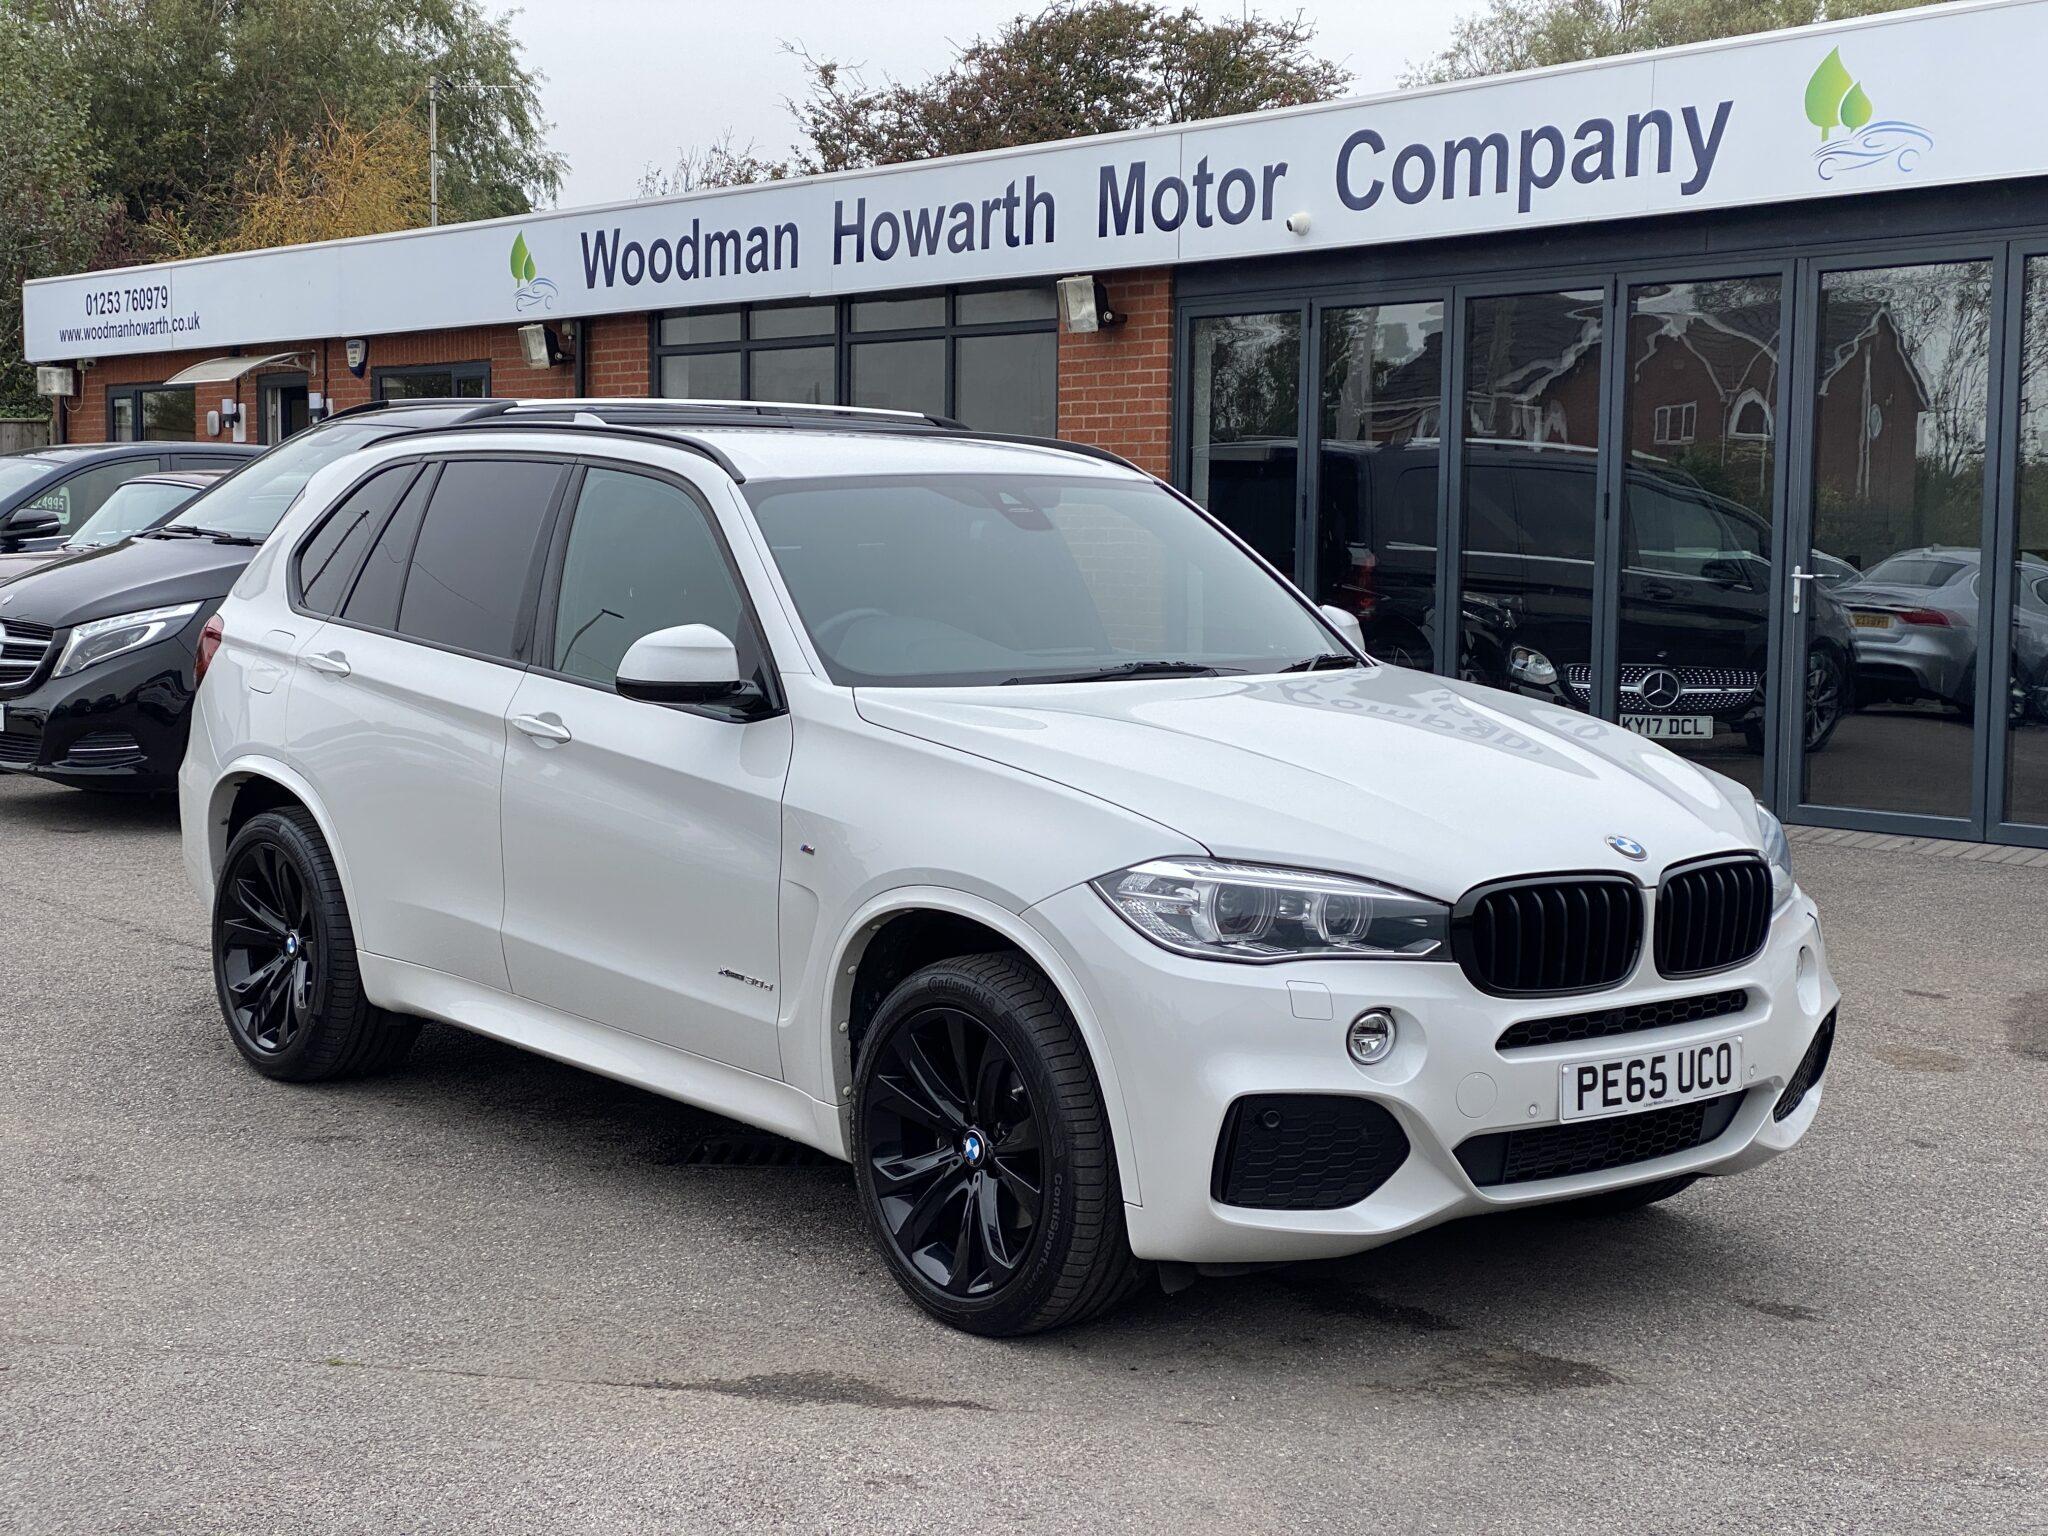 2015 65 BMW X5 30D M SPORT AUTOMATIC 4X4 Only 23K Mls FSH 20